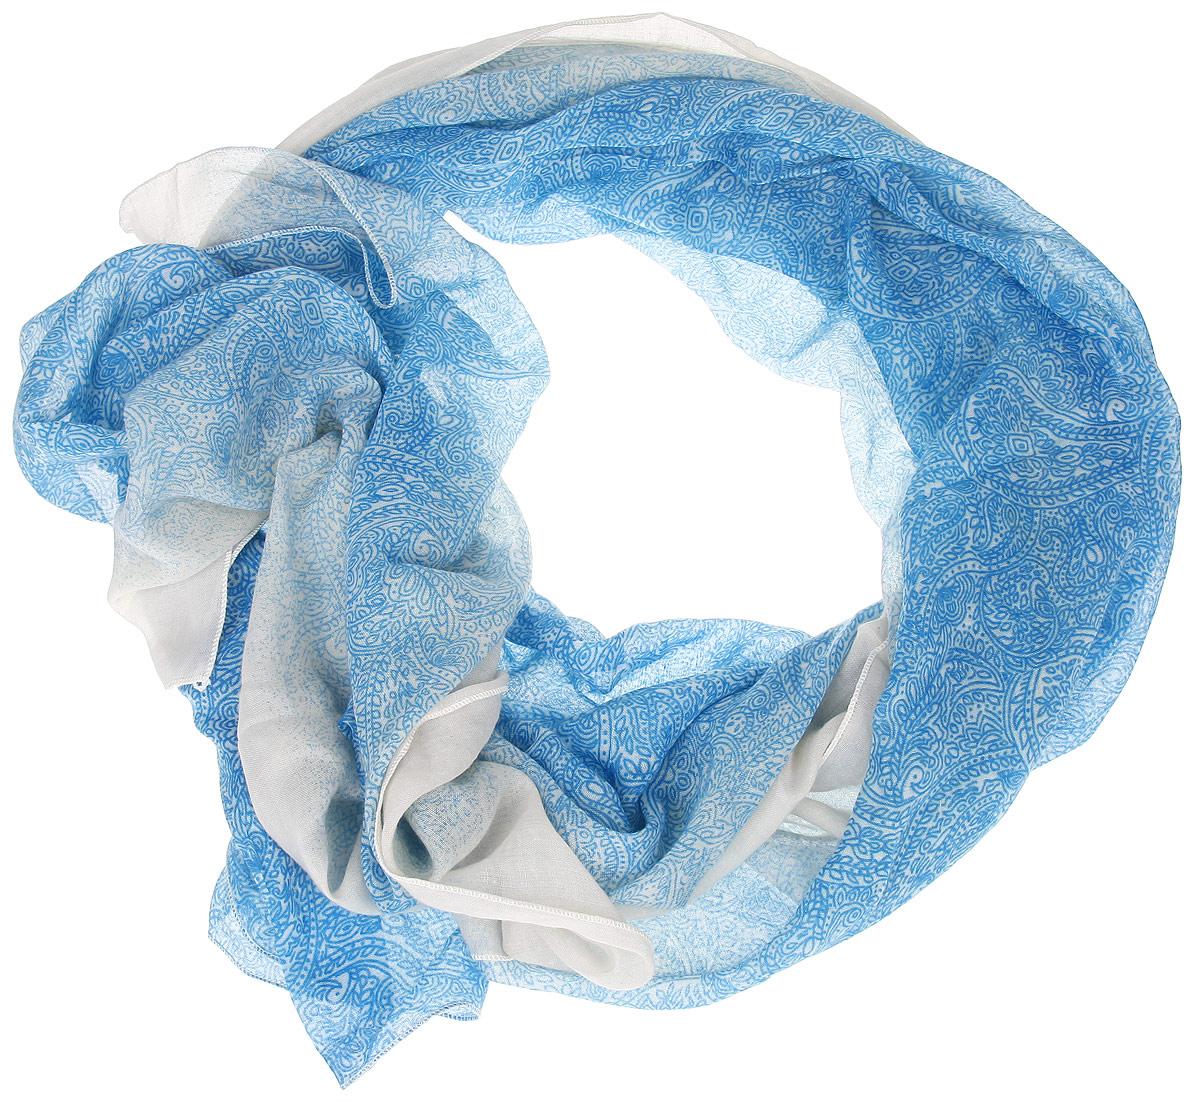 Шарф женский. B16-11407B16-11407Модный женский шарф Finn Flare подарит вам уют и станет стильным аксессуаром, который призван подчеркнуть вашу индивидуальность и женственность. Тонкий шарф выполнен из высококачественной вискозы с добавлением хлопка, он невероятно мягкий и приятный на ощупь. Шарф оформлен изысканным растительным орнаментом. Этот модный аксессуар гармонично дополнит образ современной женщины, следящей за своим имиджем и стремящейся всегда оставаться стильной и элегантной. Такой шарф украсит любой наряд и согреет вас в непогоду, с ним вы всегда будете выглядеть изысканно и оригинально.